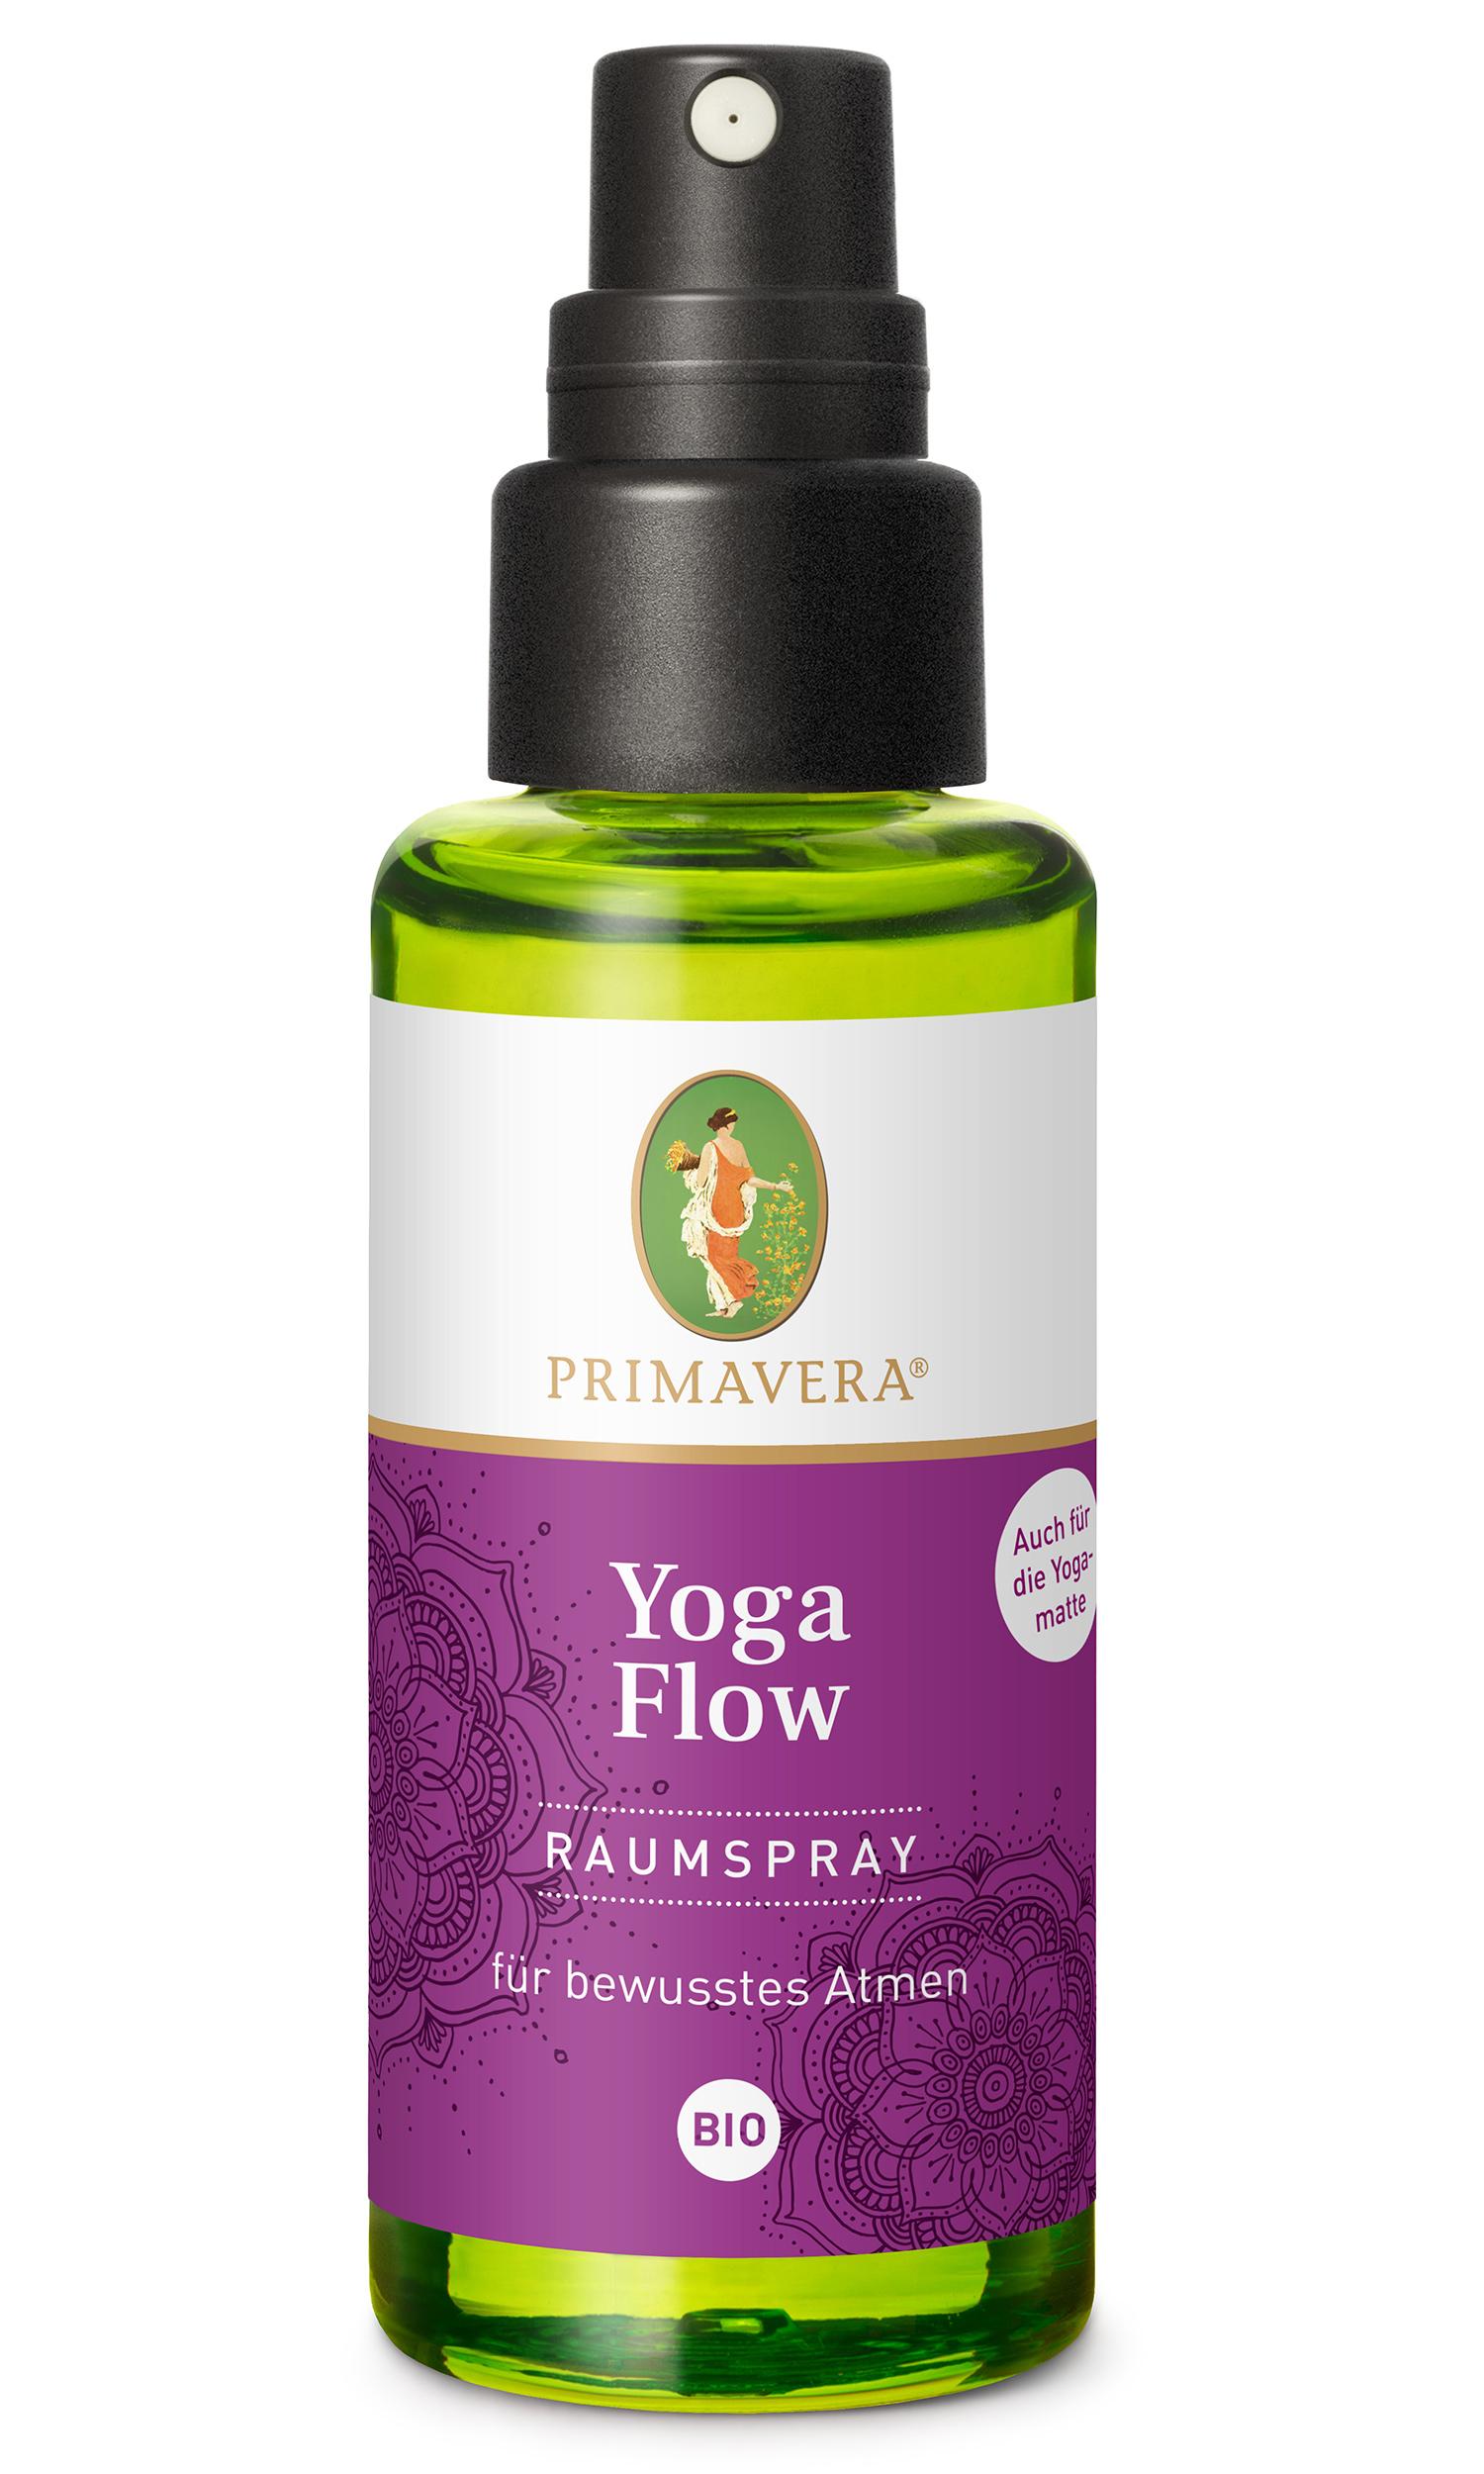 Bio Yogaflow Raumspray, 50 ml